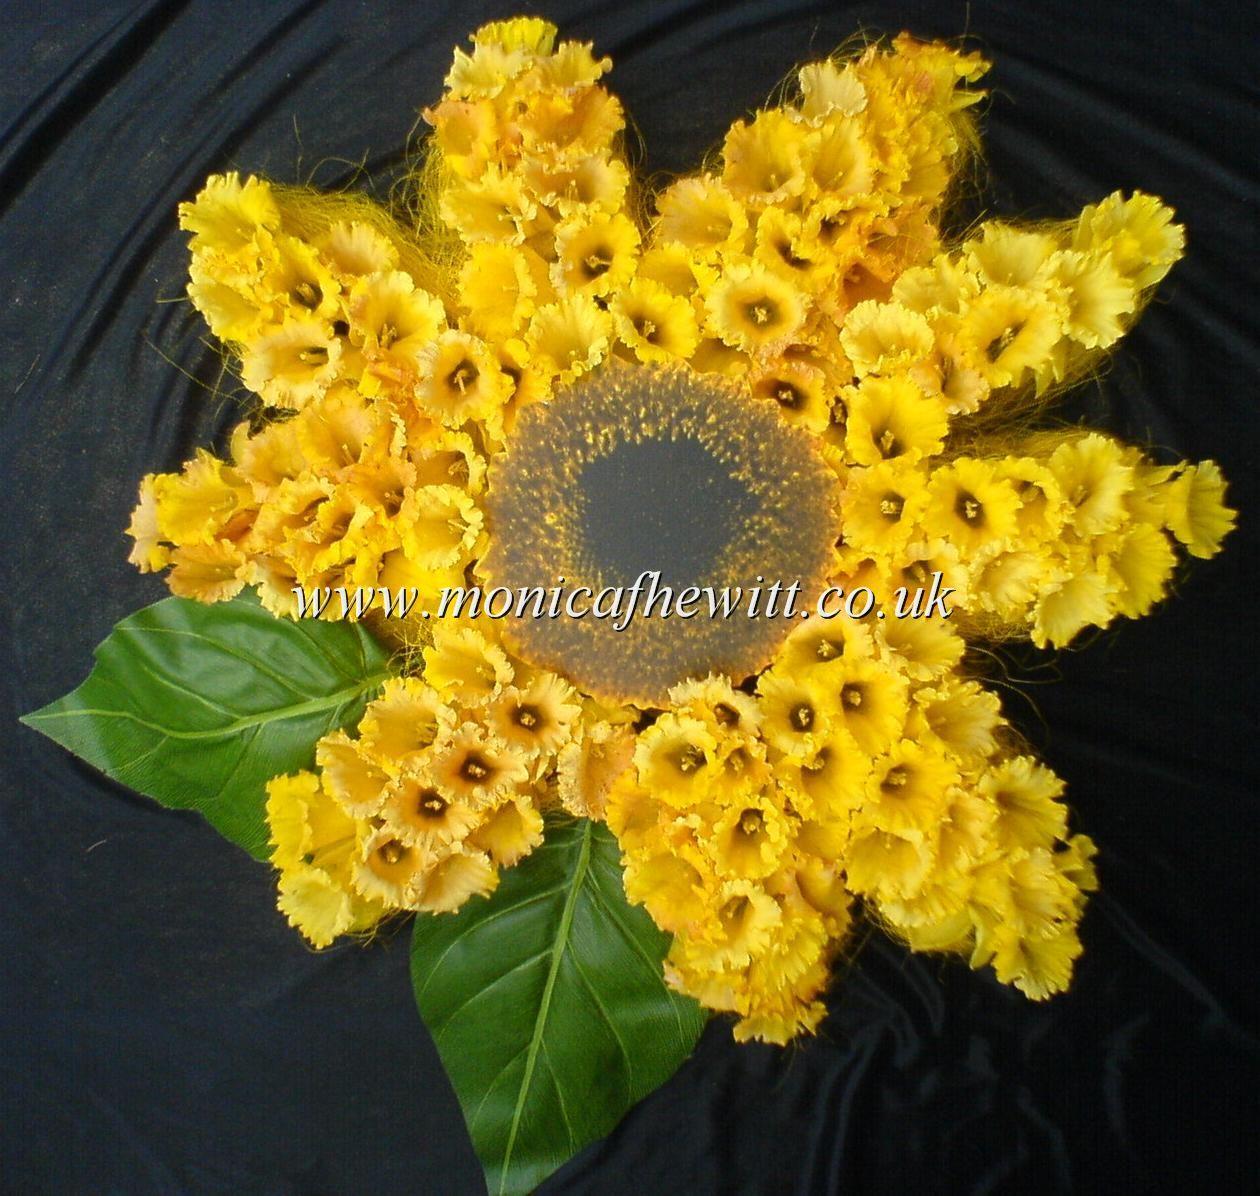 Sunflower funeral flowers monica f hewitt florist sheffield floral sunflower funeral flowers monica f hewitt florist sheffield izmirmasajfo